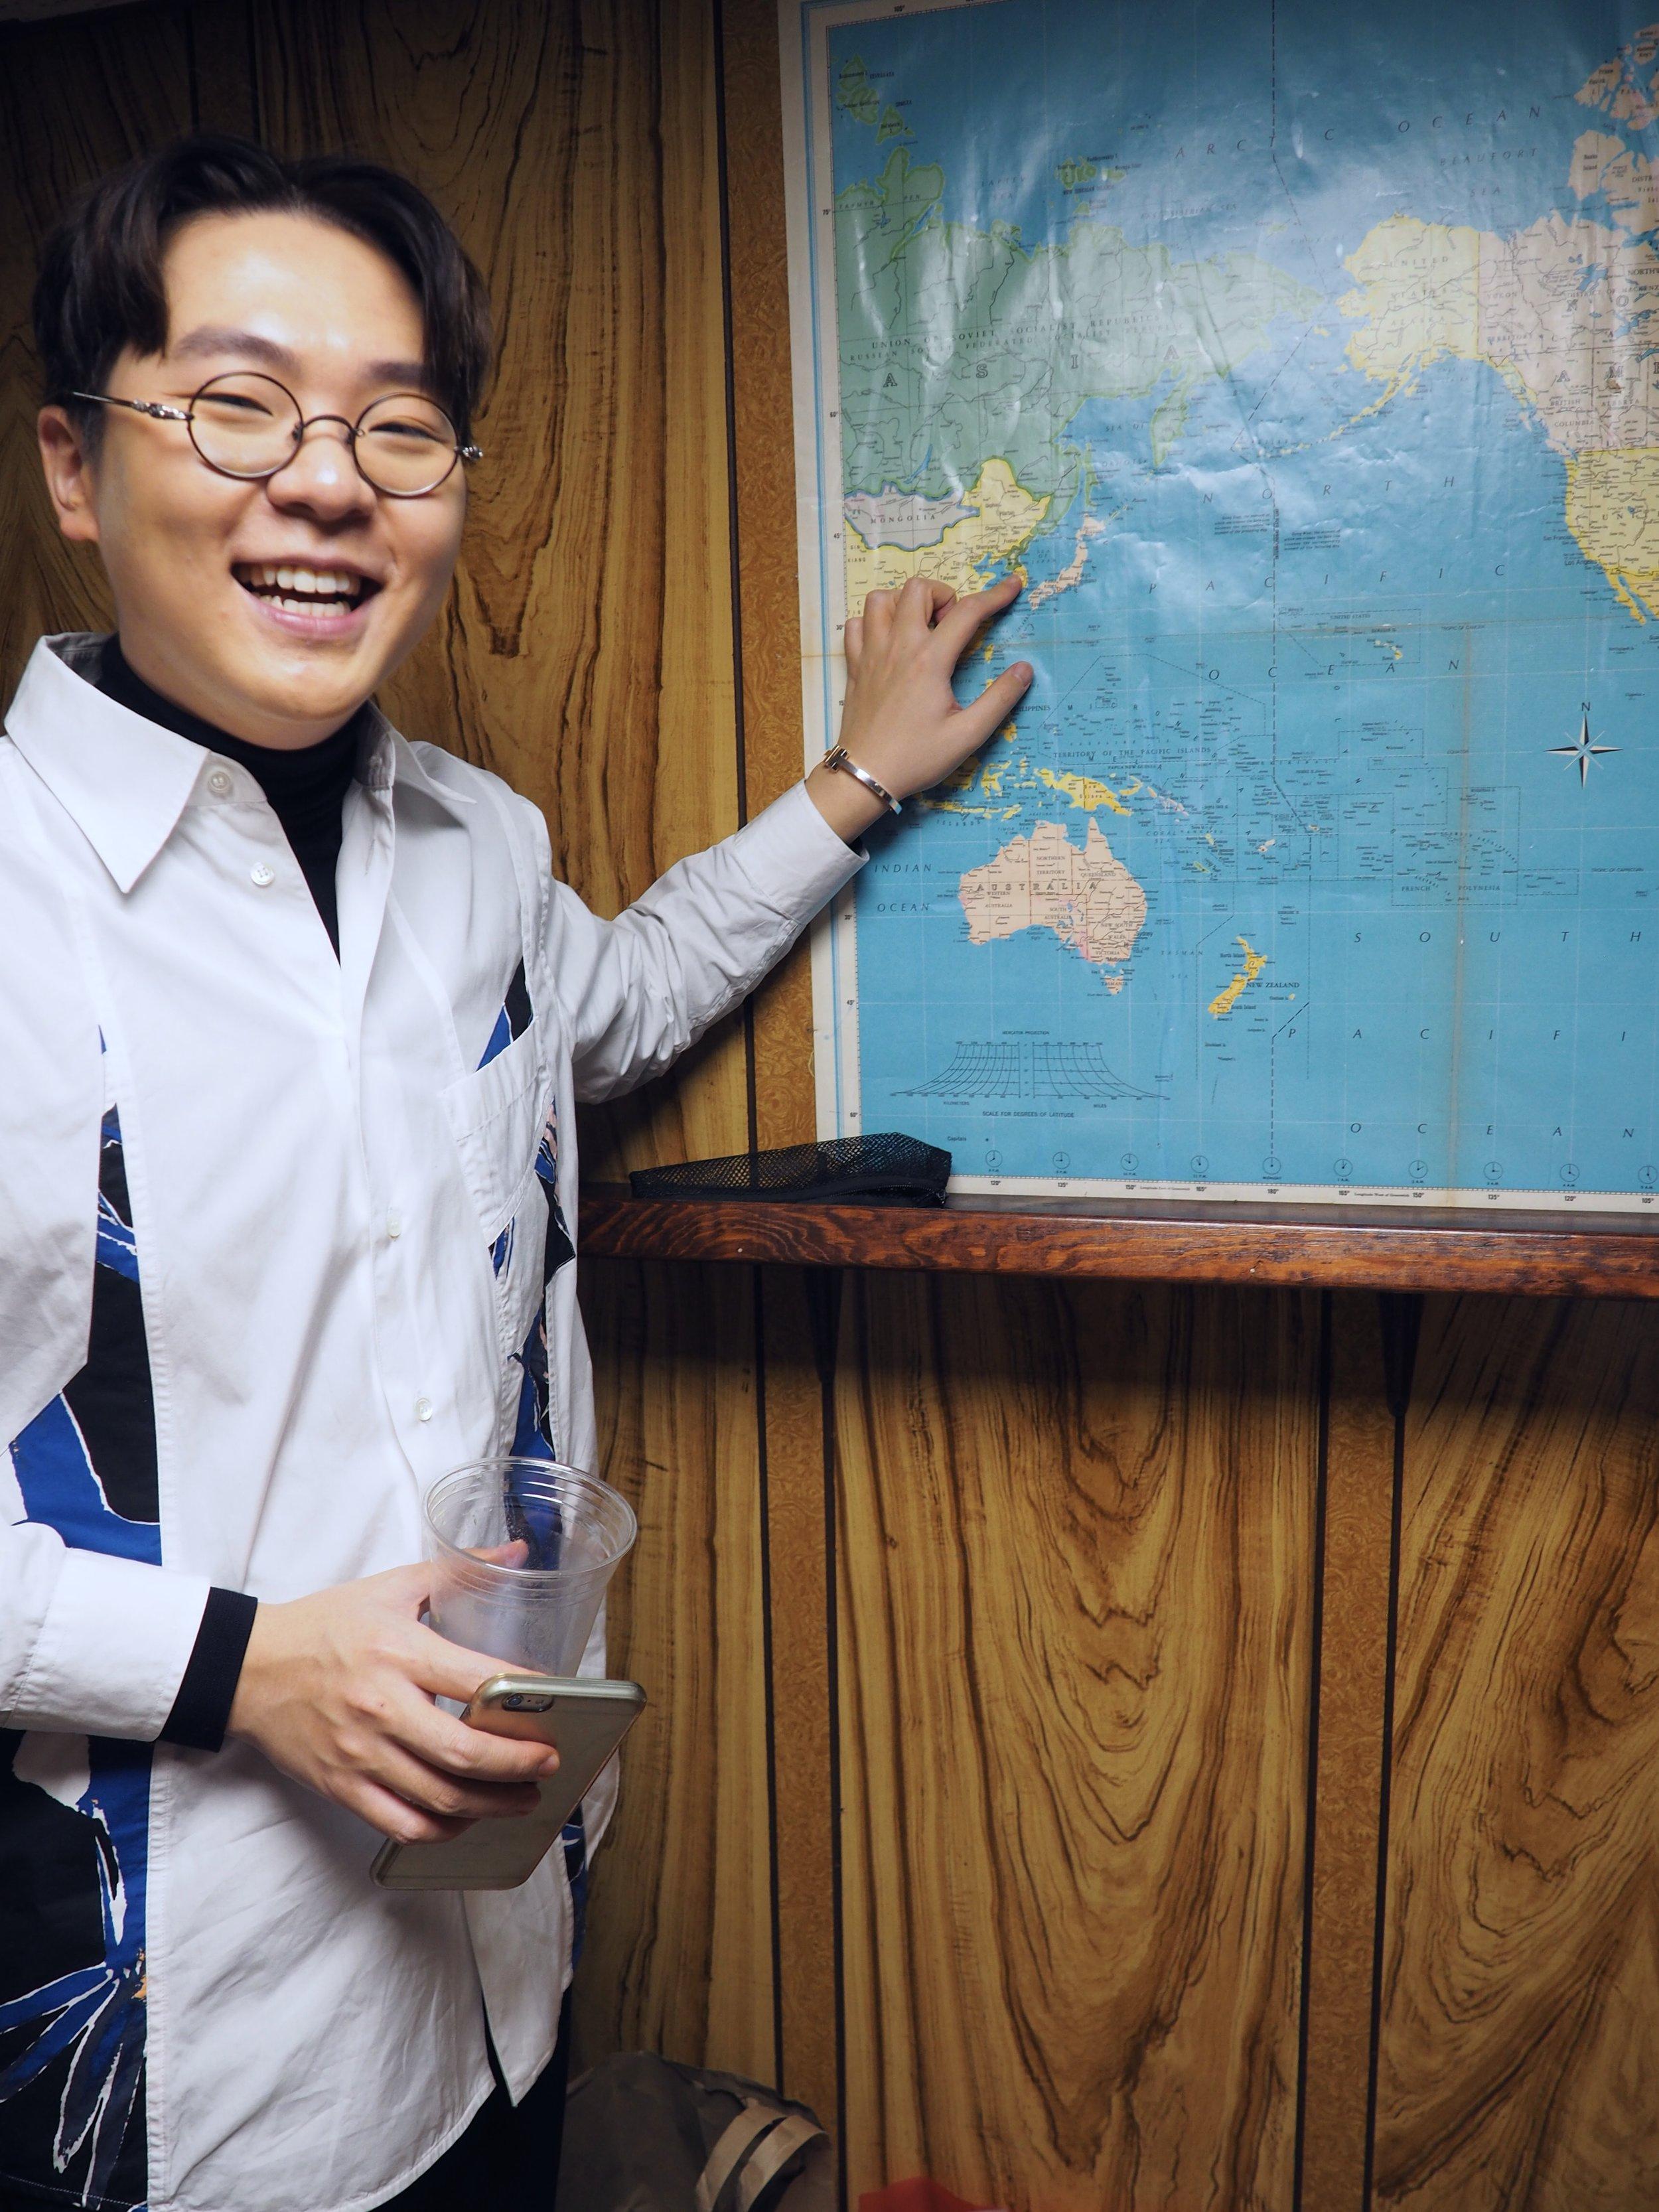 Joon: Korea